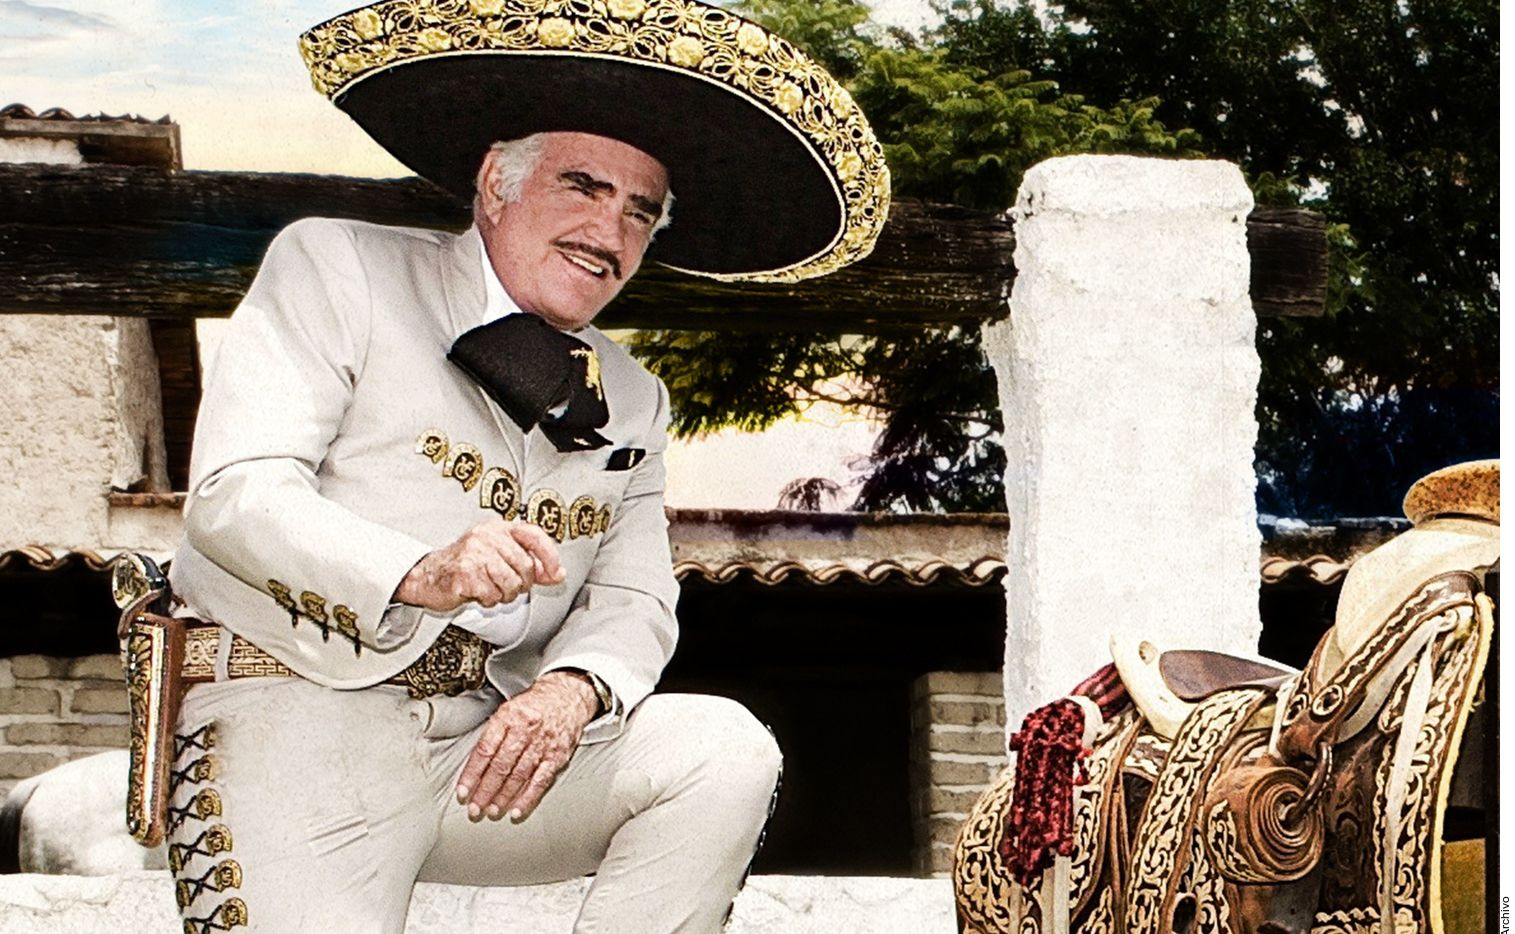 En esta foto de archivo se ve a Vicente Fernández. Tras rumores, se confirmó el inicio de producción de la serie biográfica sobre Vicente Fernández por parte de Netflix.